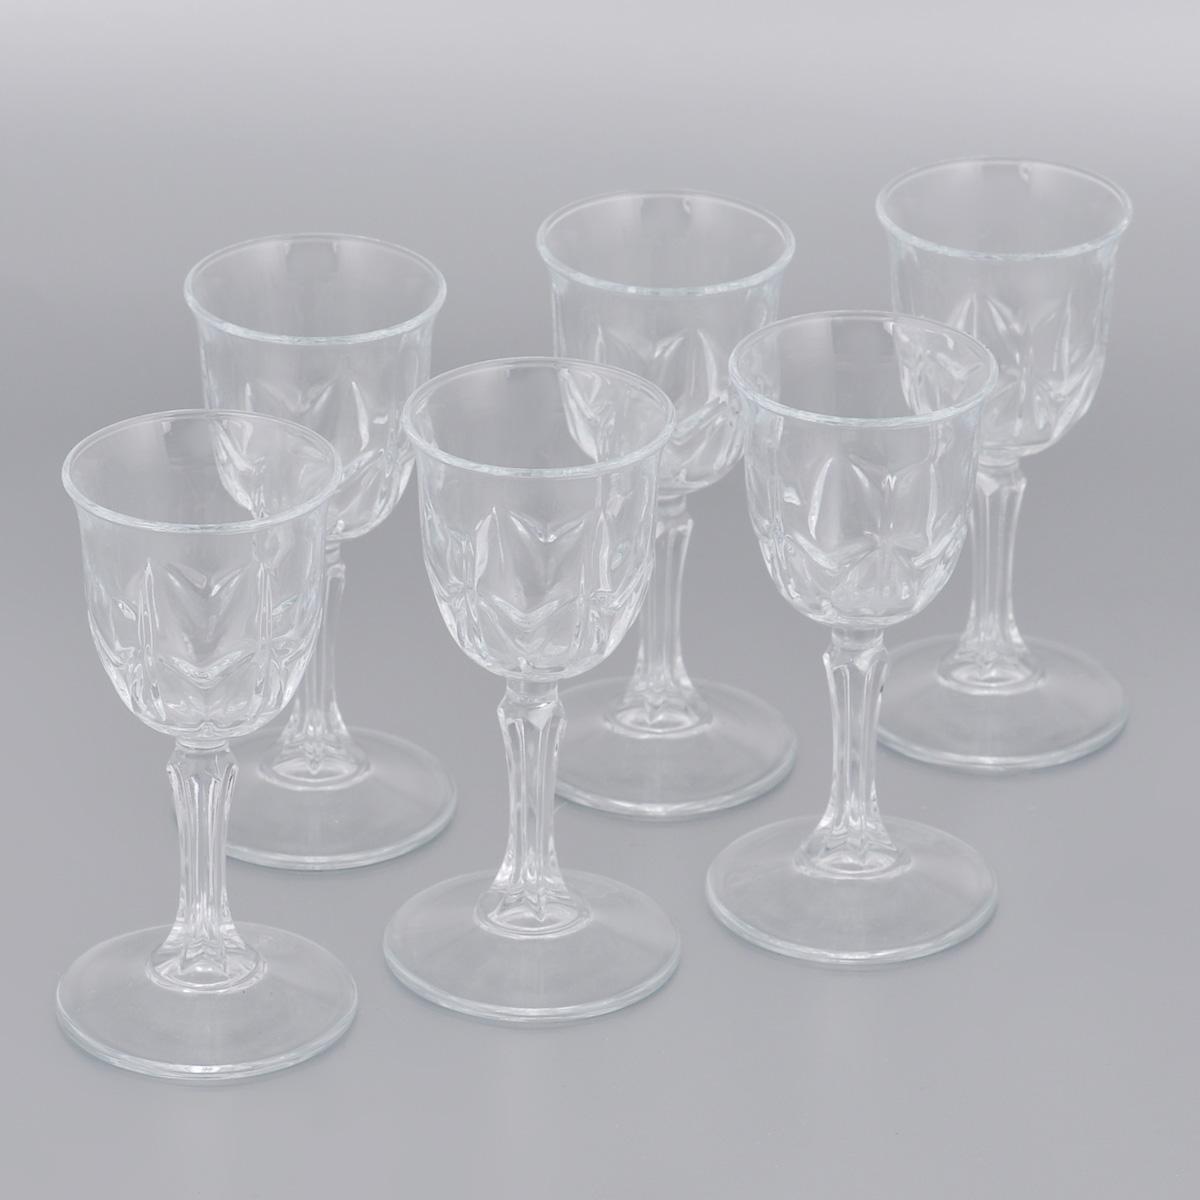 Набор бокалов для вина Pasabahce Karat, 270 мл, 6 шт440147BНабор Pasabahce Karat состоит из шести бокалов, выполненных из прочногонатрий-кальций-силикатного стекла. Изделия оснащенырельефной поверхностью. Бокалы предназначены для подачи вина. Онисочетают в себе элегантный дизайн и функциональность. Благодаря такомунабору пить напитки будет еще вкуснее. Набор бокалов Pasabahce Karat прекрасно оформит праздничный стол и создастприятную атмосферу за романтическим ужином. Такой набор также станетхорошим подарком к любому случаю. Можно мыть в посудомоечной машине и использовать в микроволновой печи. Диаметр бокала (по верхнему краю): 8,3 см.Высота бокала: 16,5 см.